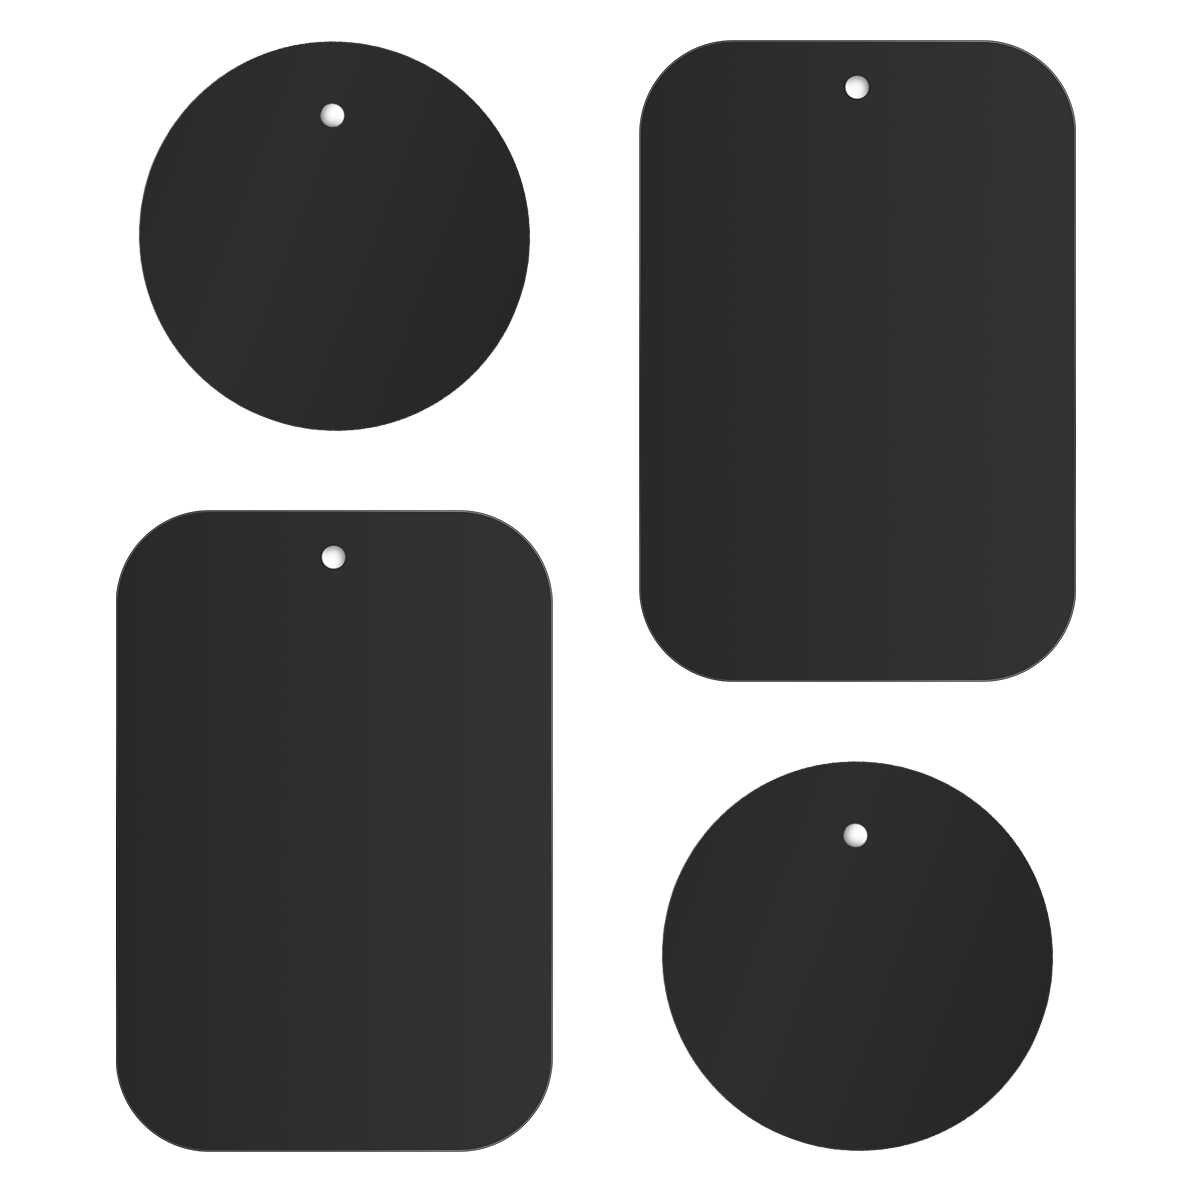 4 Pcs Logam Pelat Magnetik Bahan Putaran Rectangular Kuat Perekat Tablet dan Ponsel Car Mount Holder Cradle